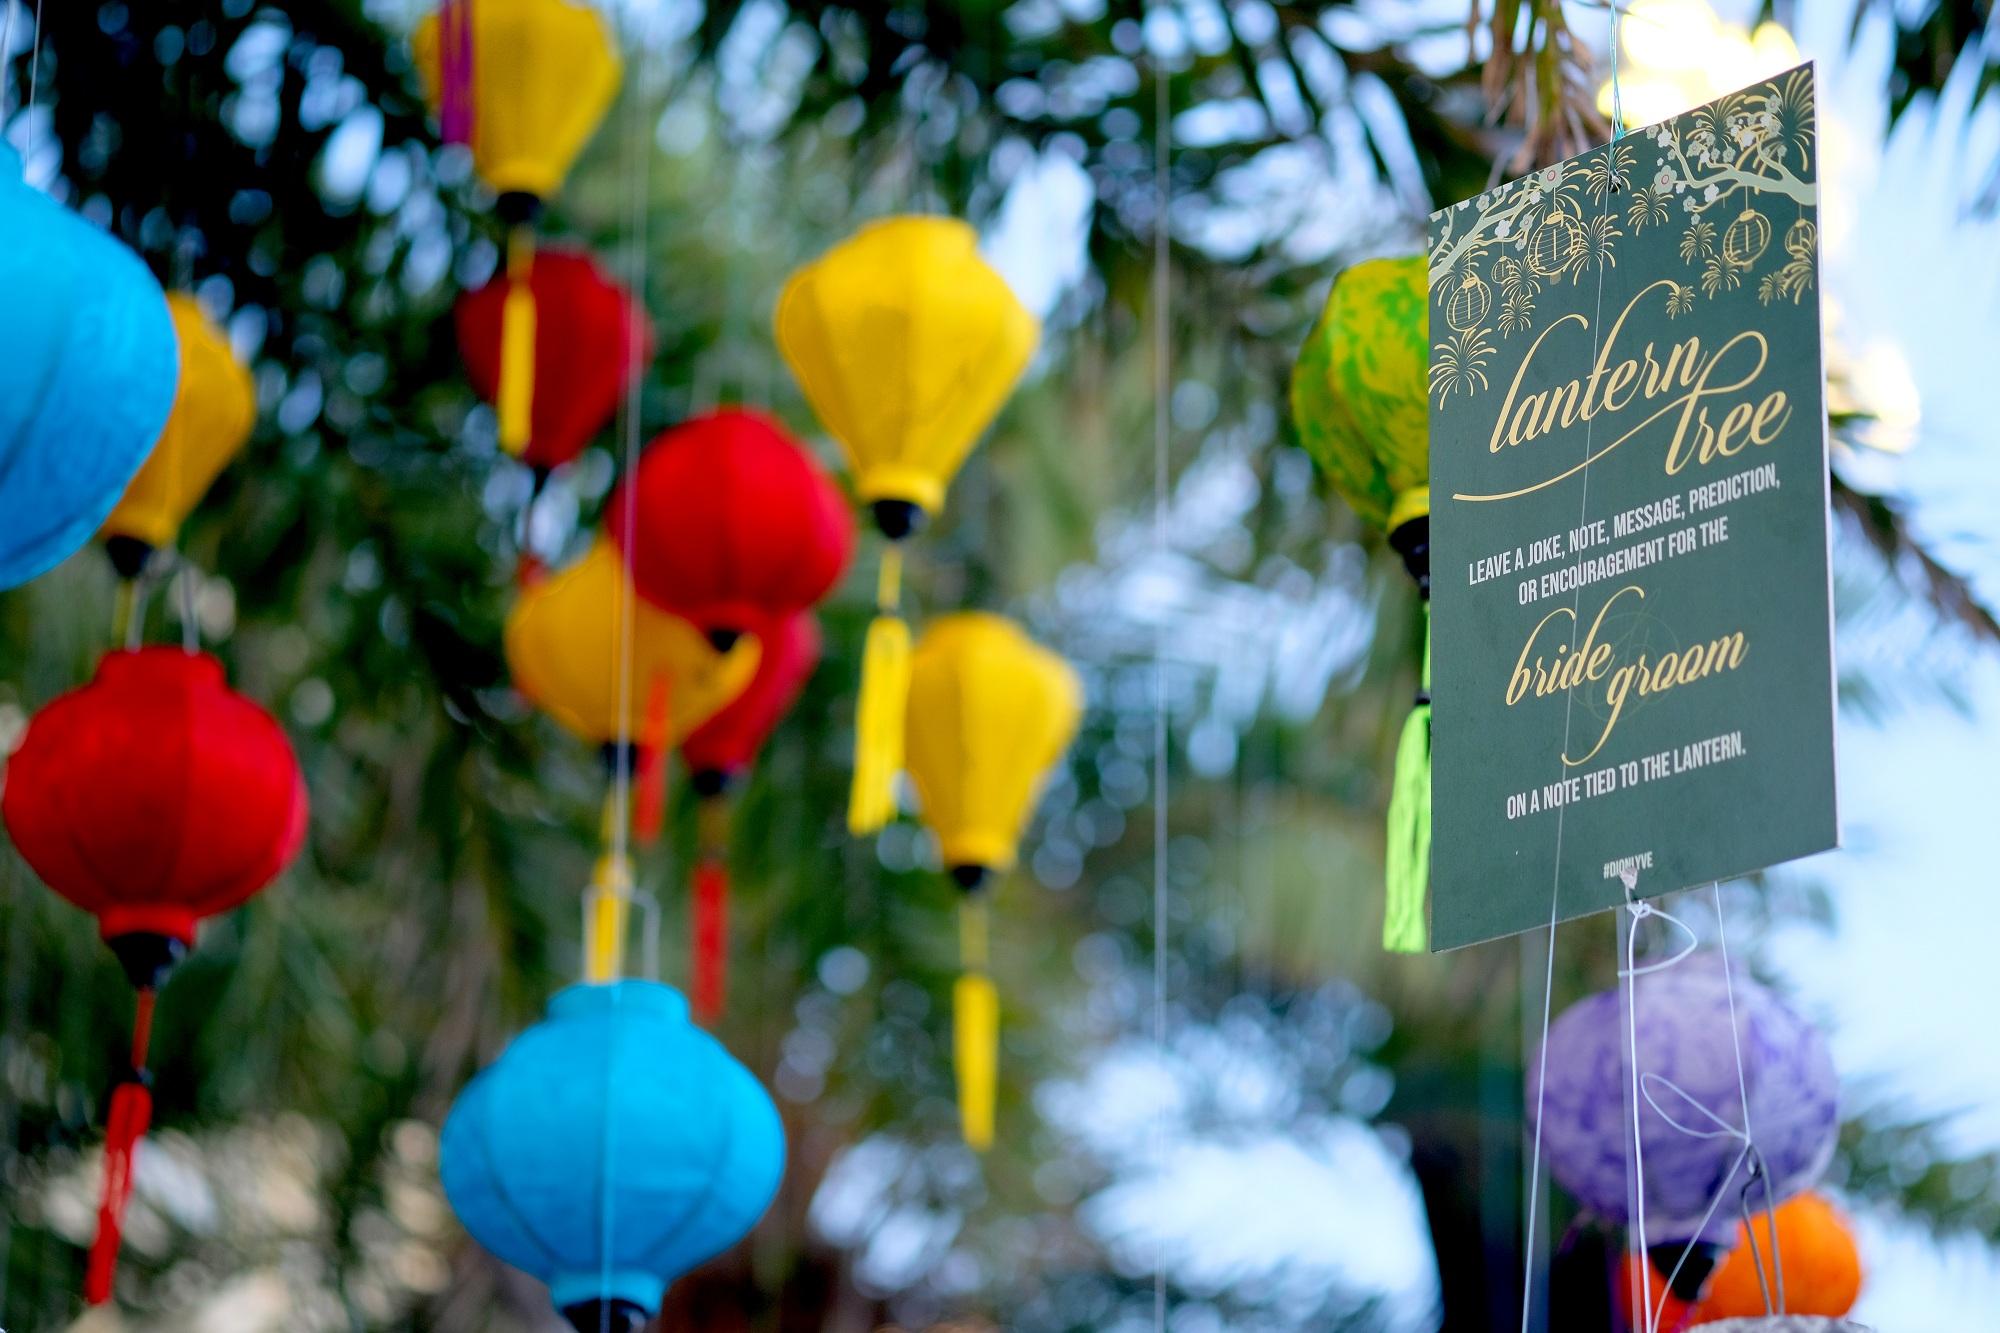 Sheraton Grand Da Nang Resort La Lua Chon Ly Tuong Cho Sieu Dam Cuoi Cua Gia Dinh Ti Phu An Do 08